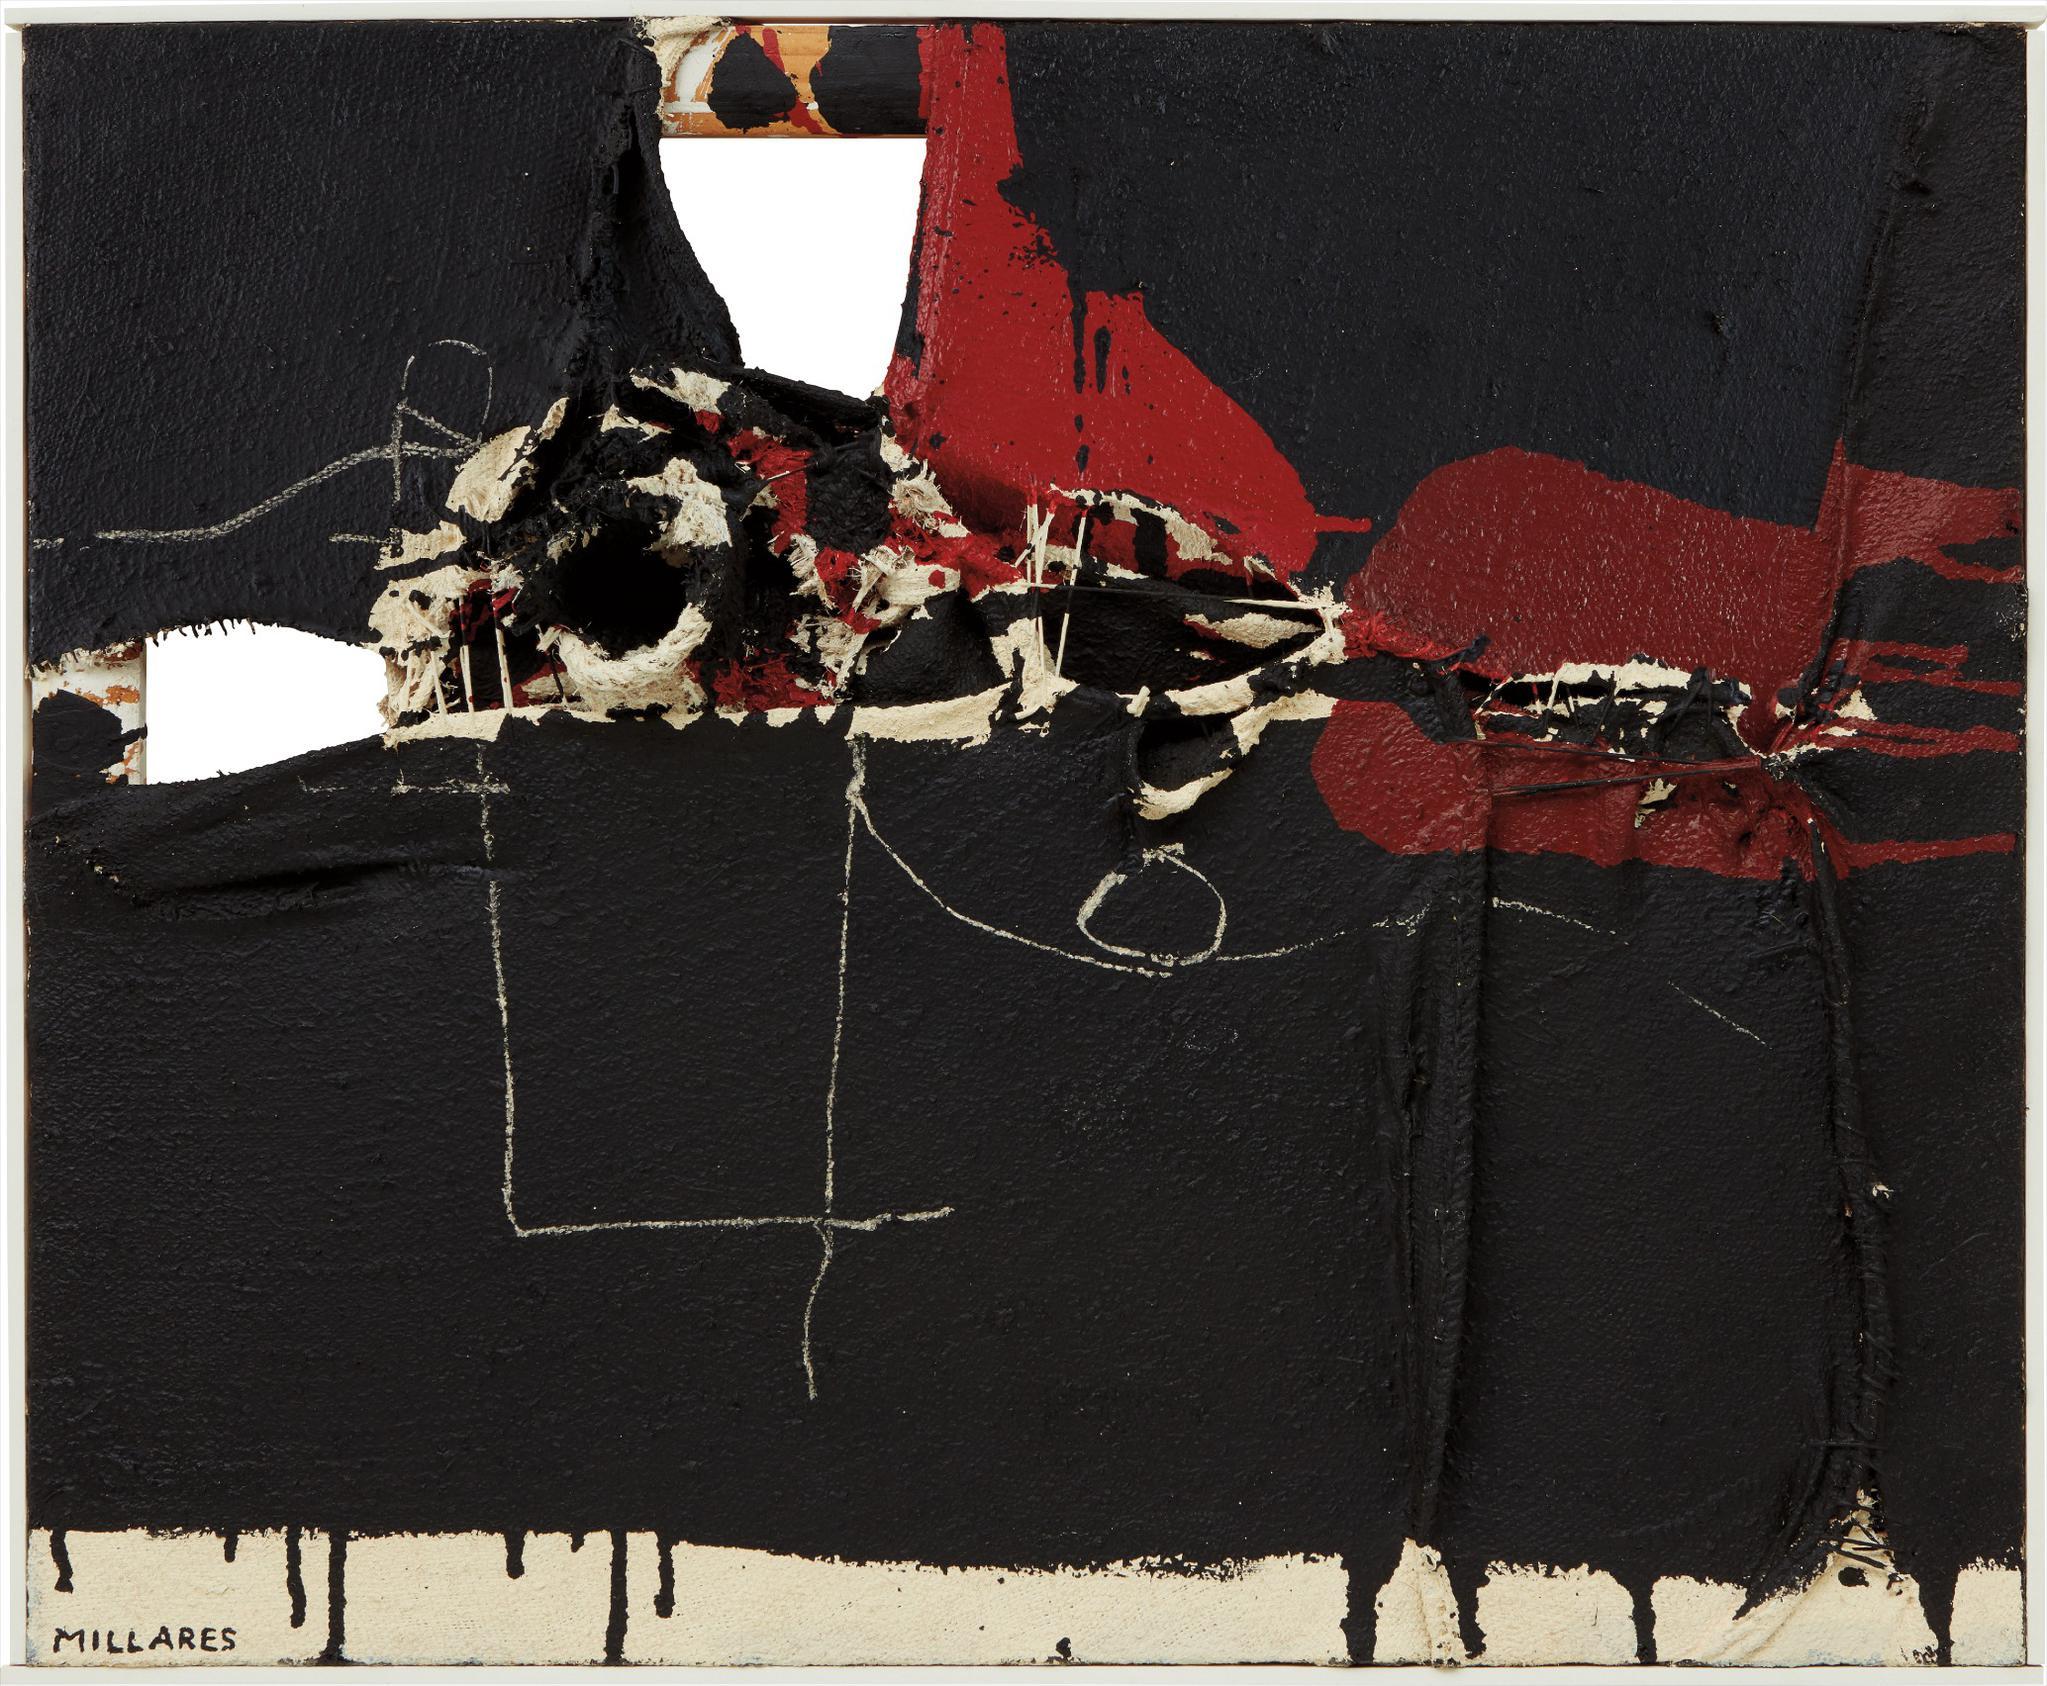 Manolo Millares-Cuadro 128-1961